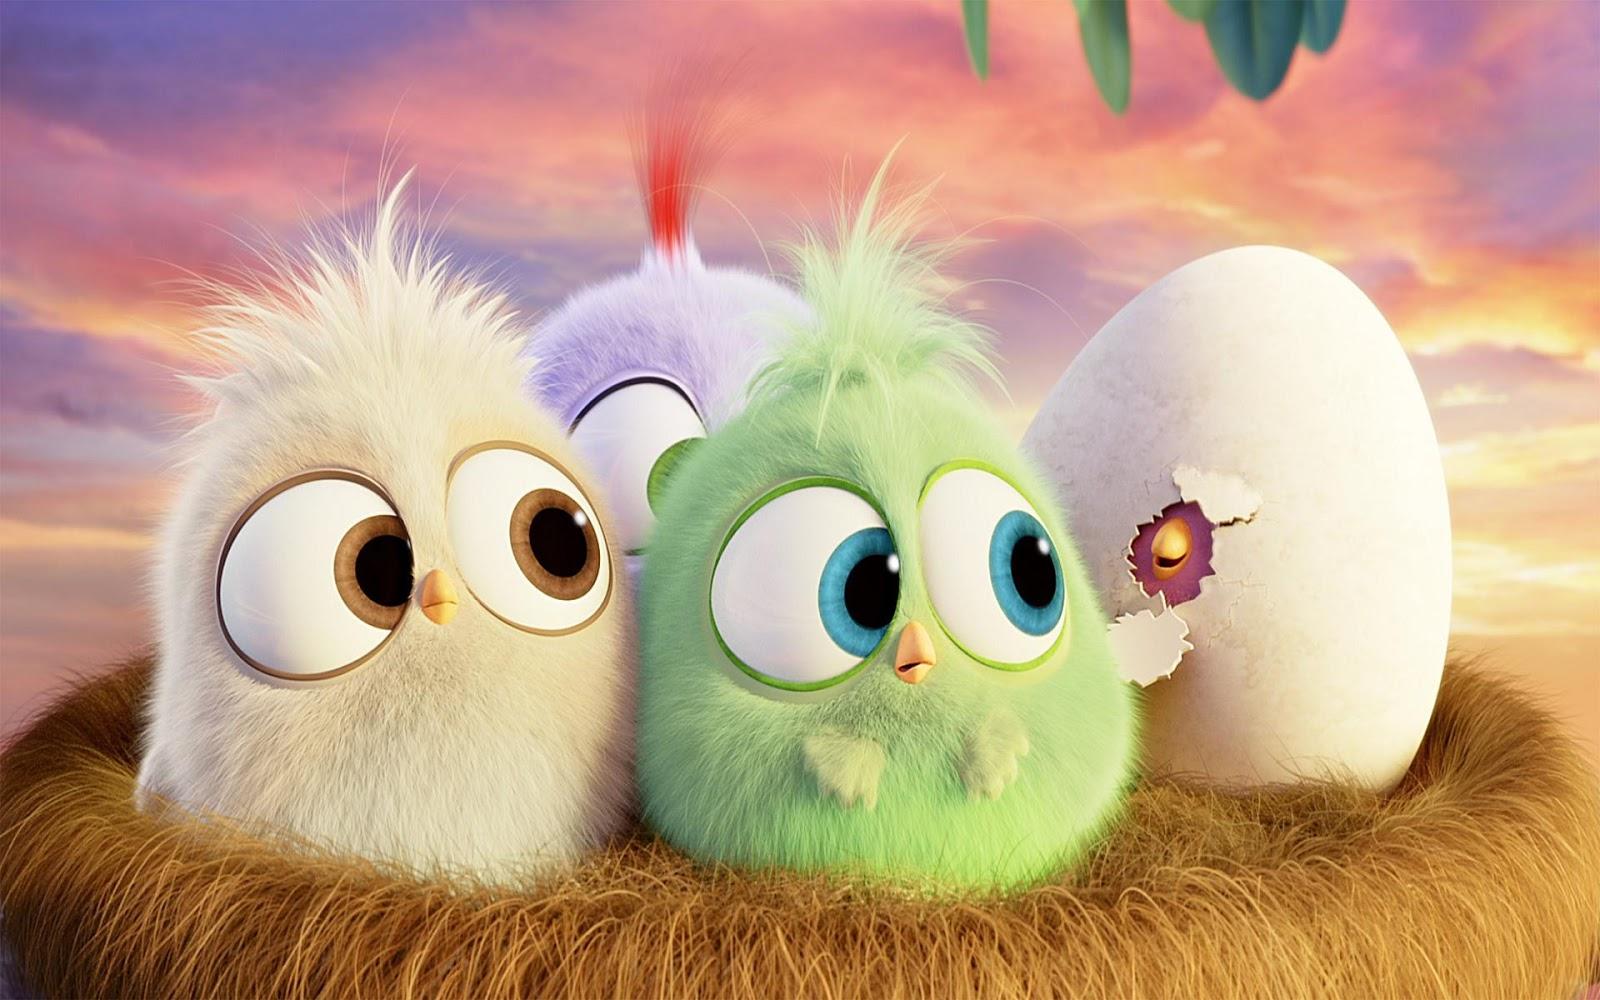 hình nền những quả trứng trong phim hoạt hình rất dễ thương